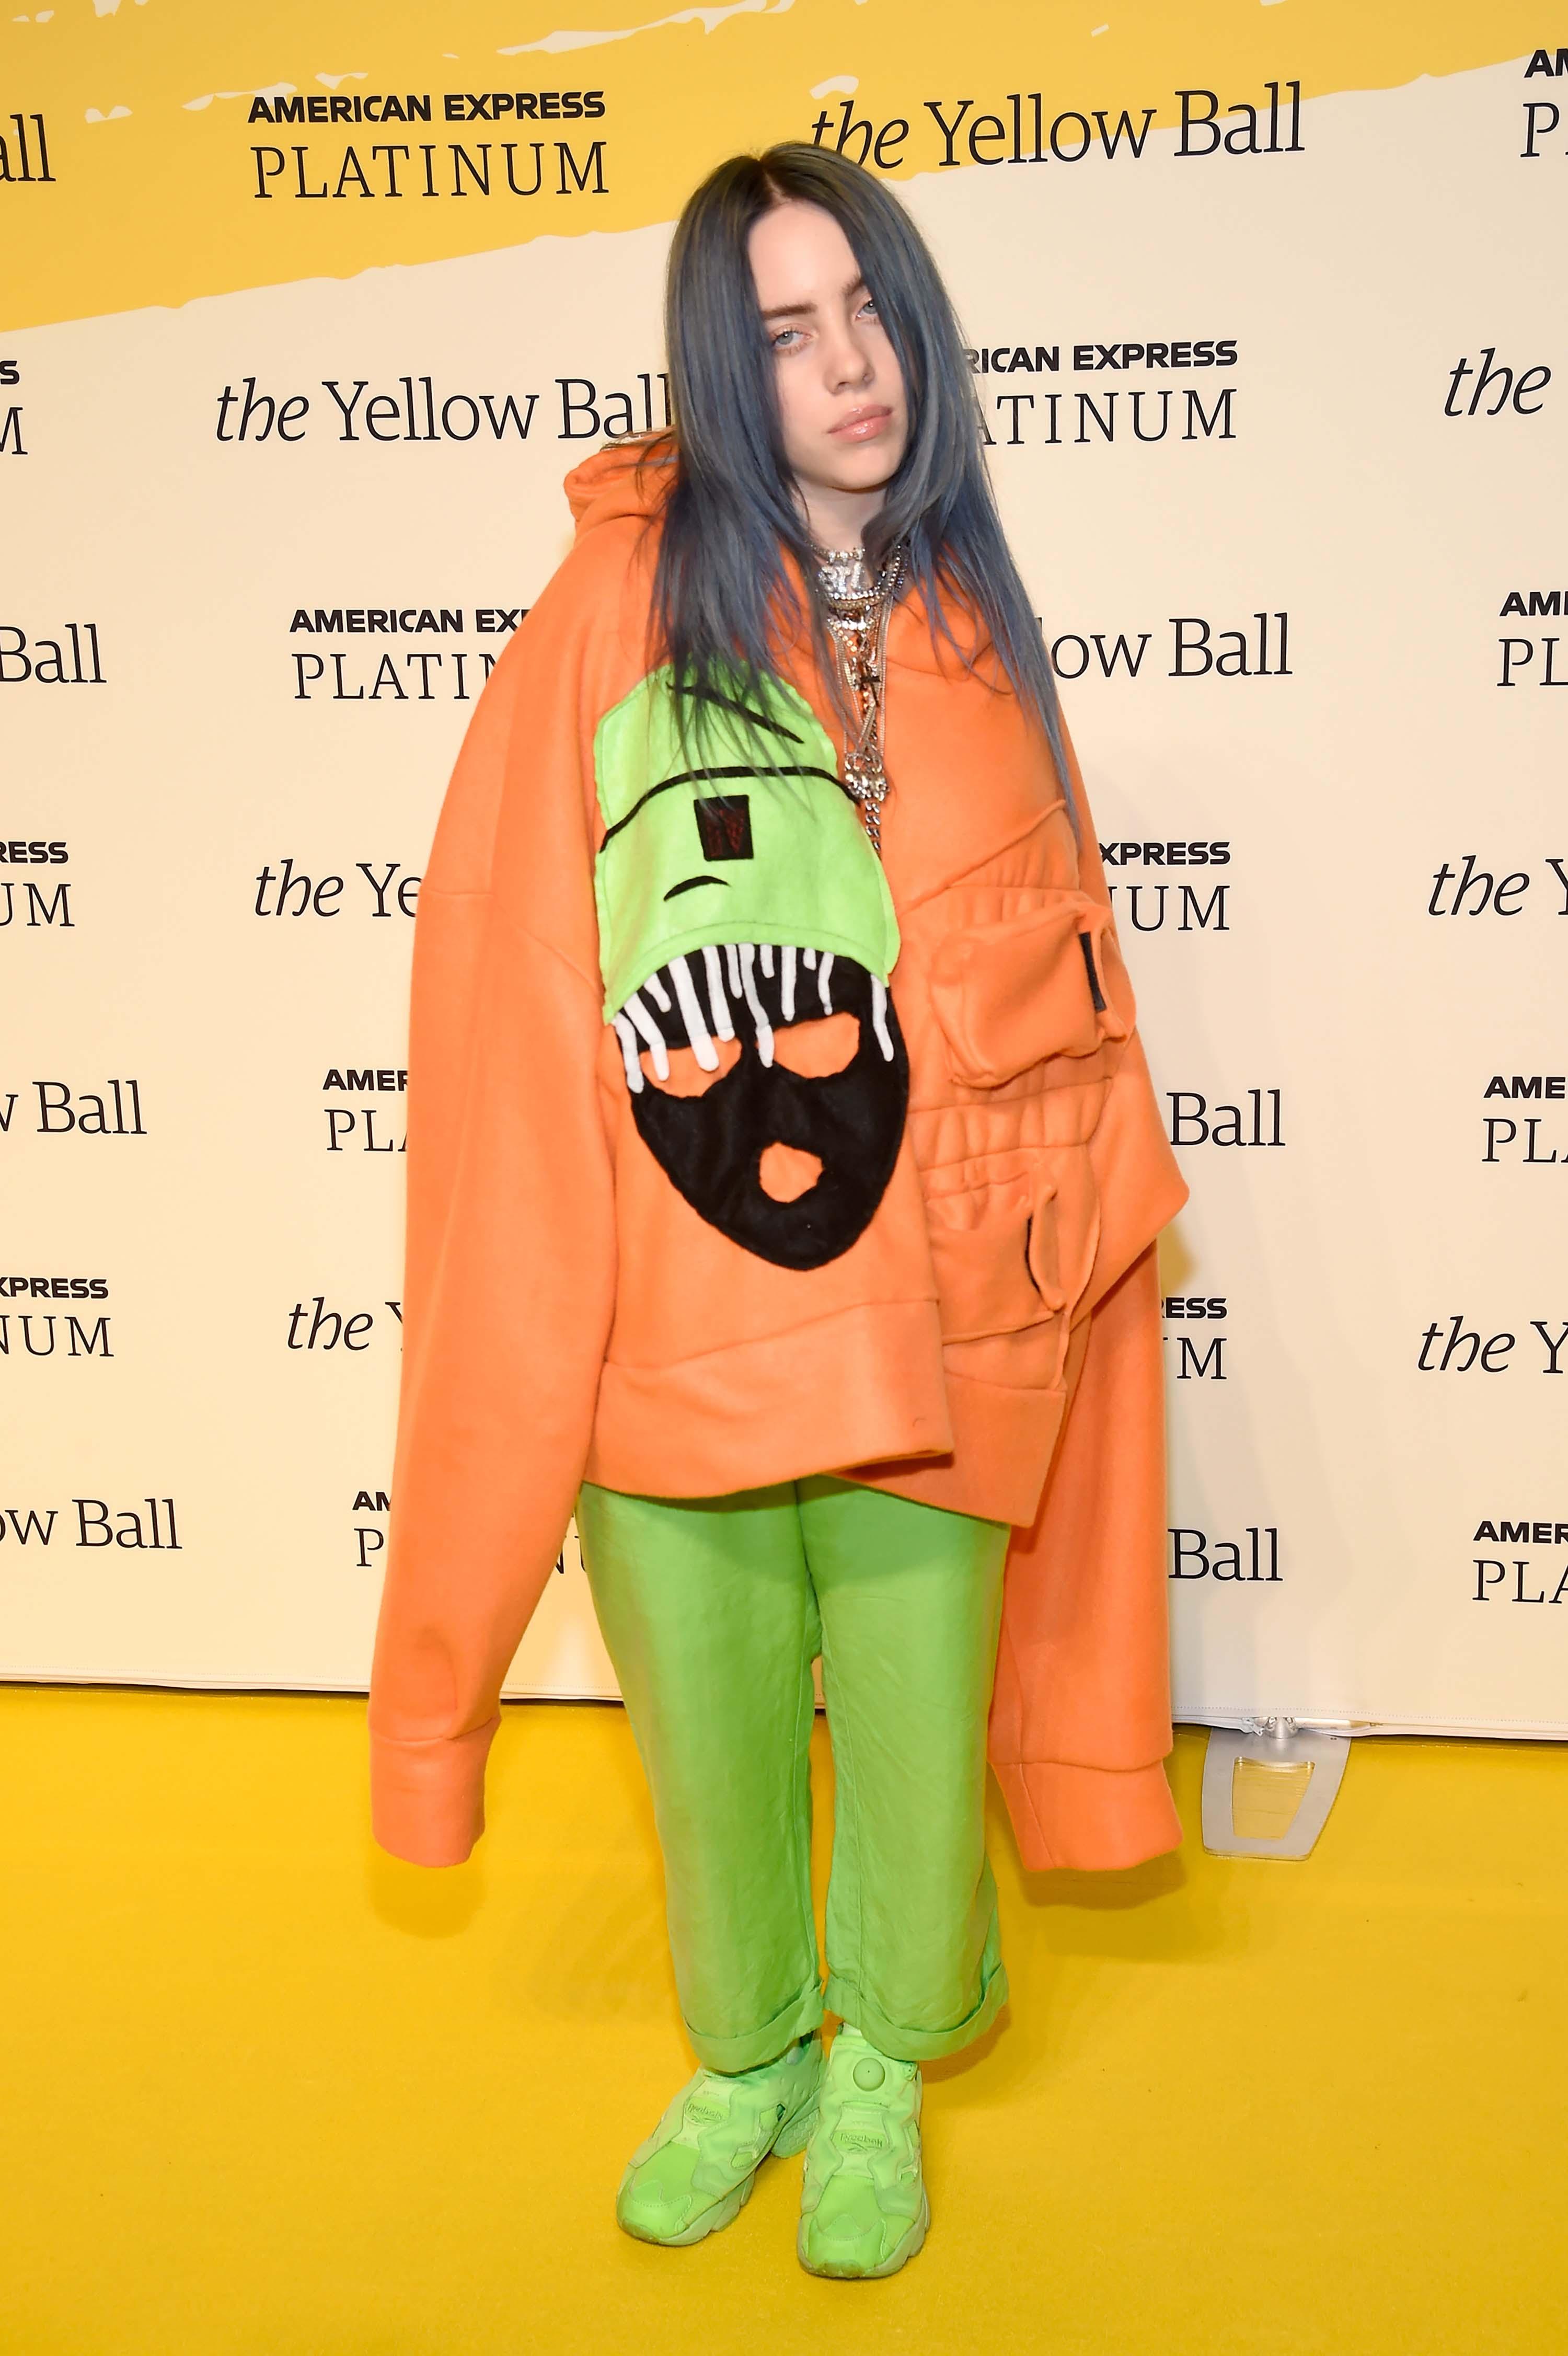 Billie Eilish Upends Fashion Convention With Singular Striking